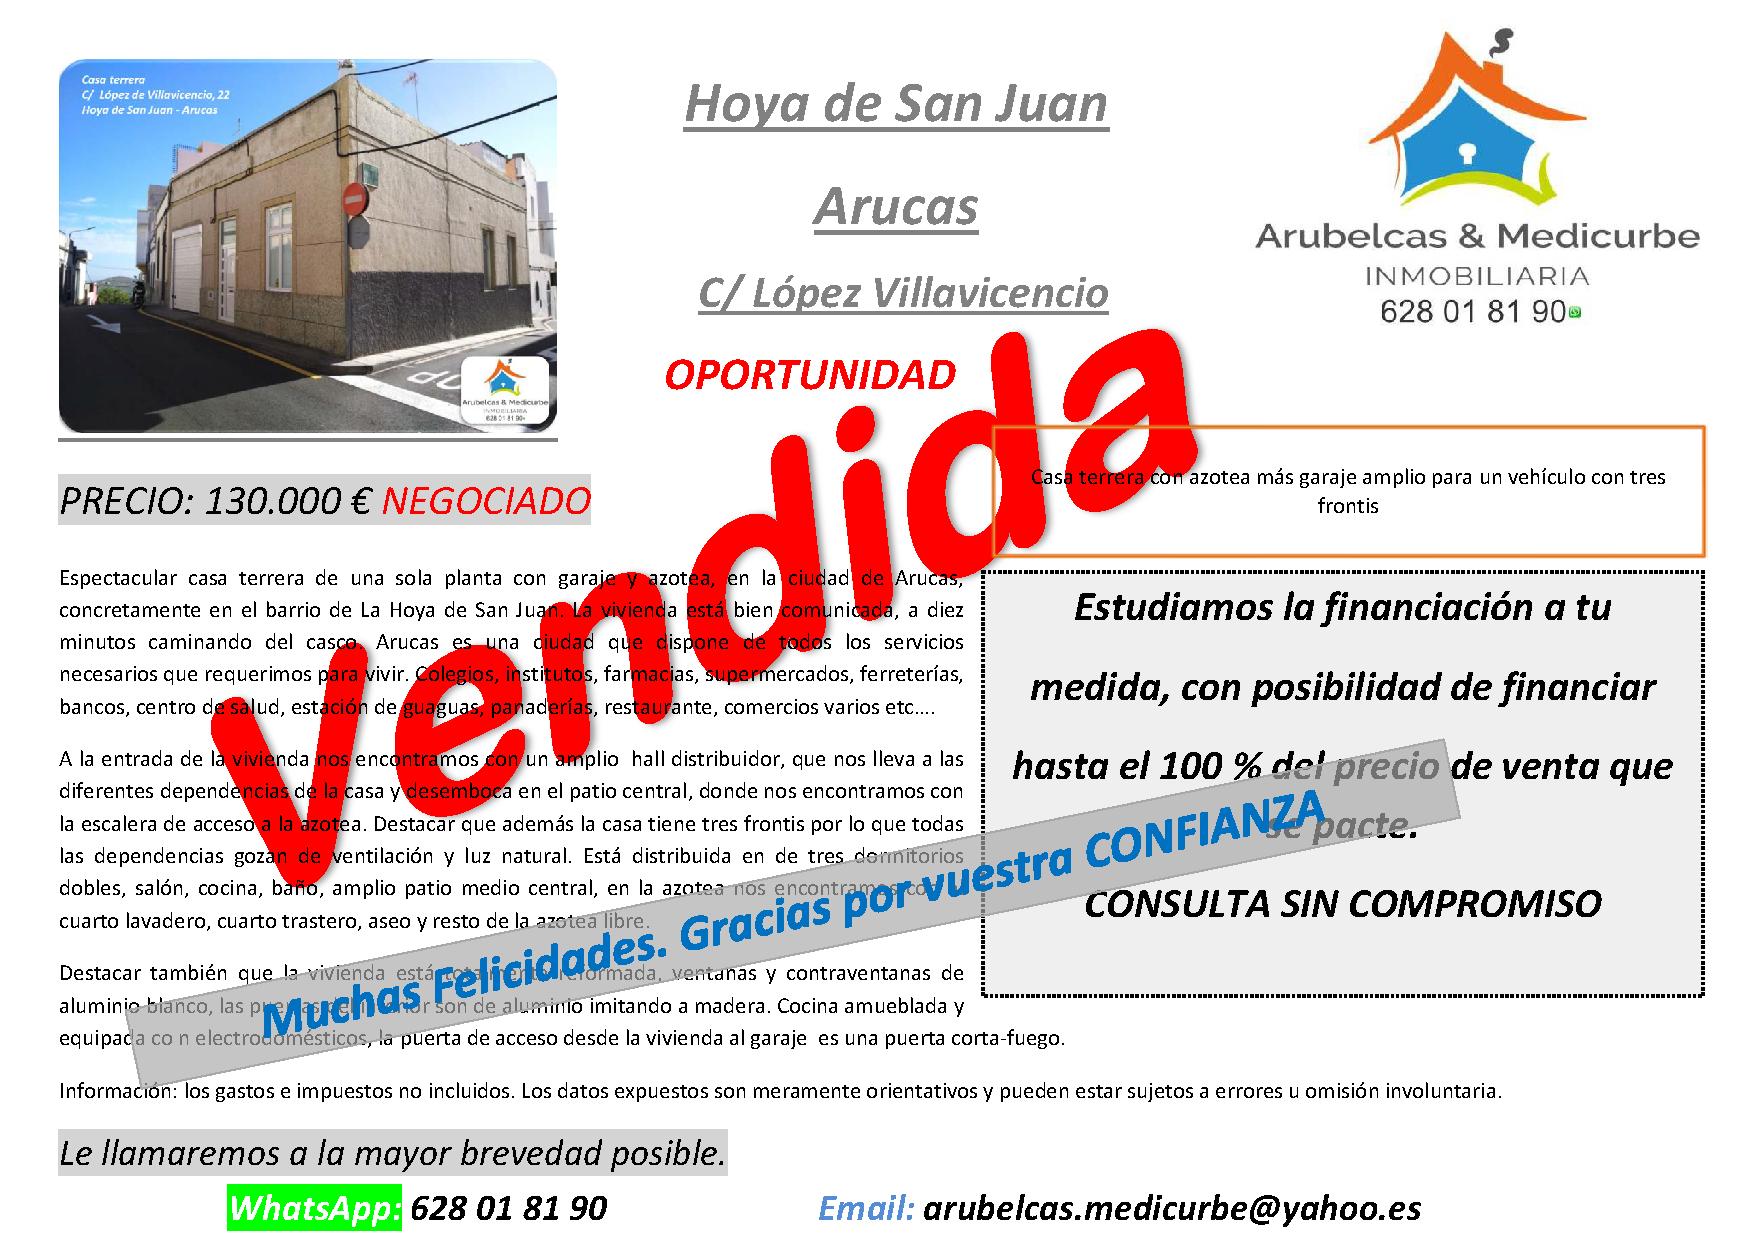 VENDIDA CASA TERREA EN EL BARRIO DE LA HOYA DE SAN JUAN-ARUCAS